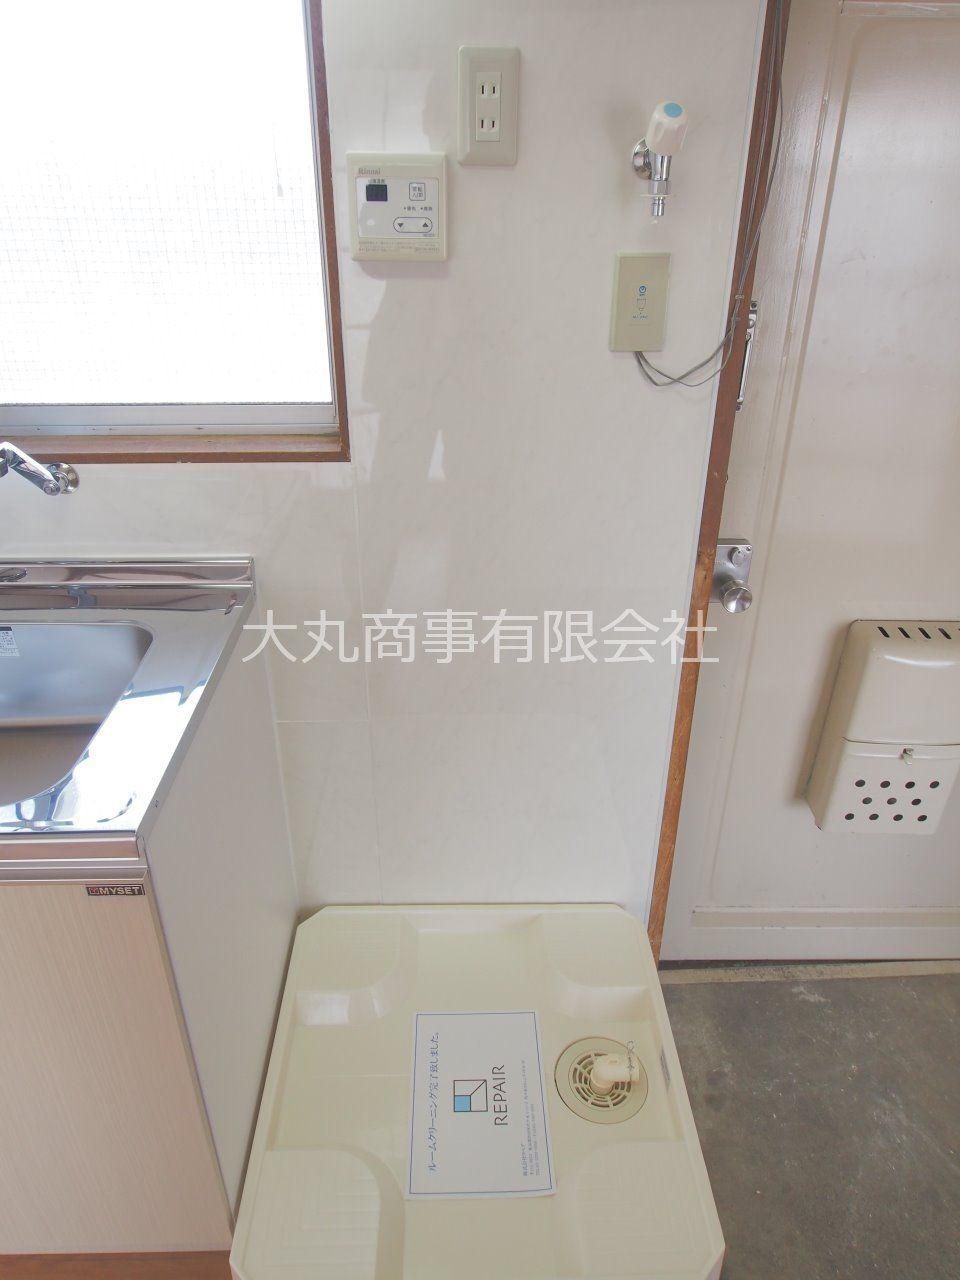 室内洗濯機置場で洗濯機を汚しません